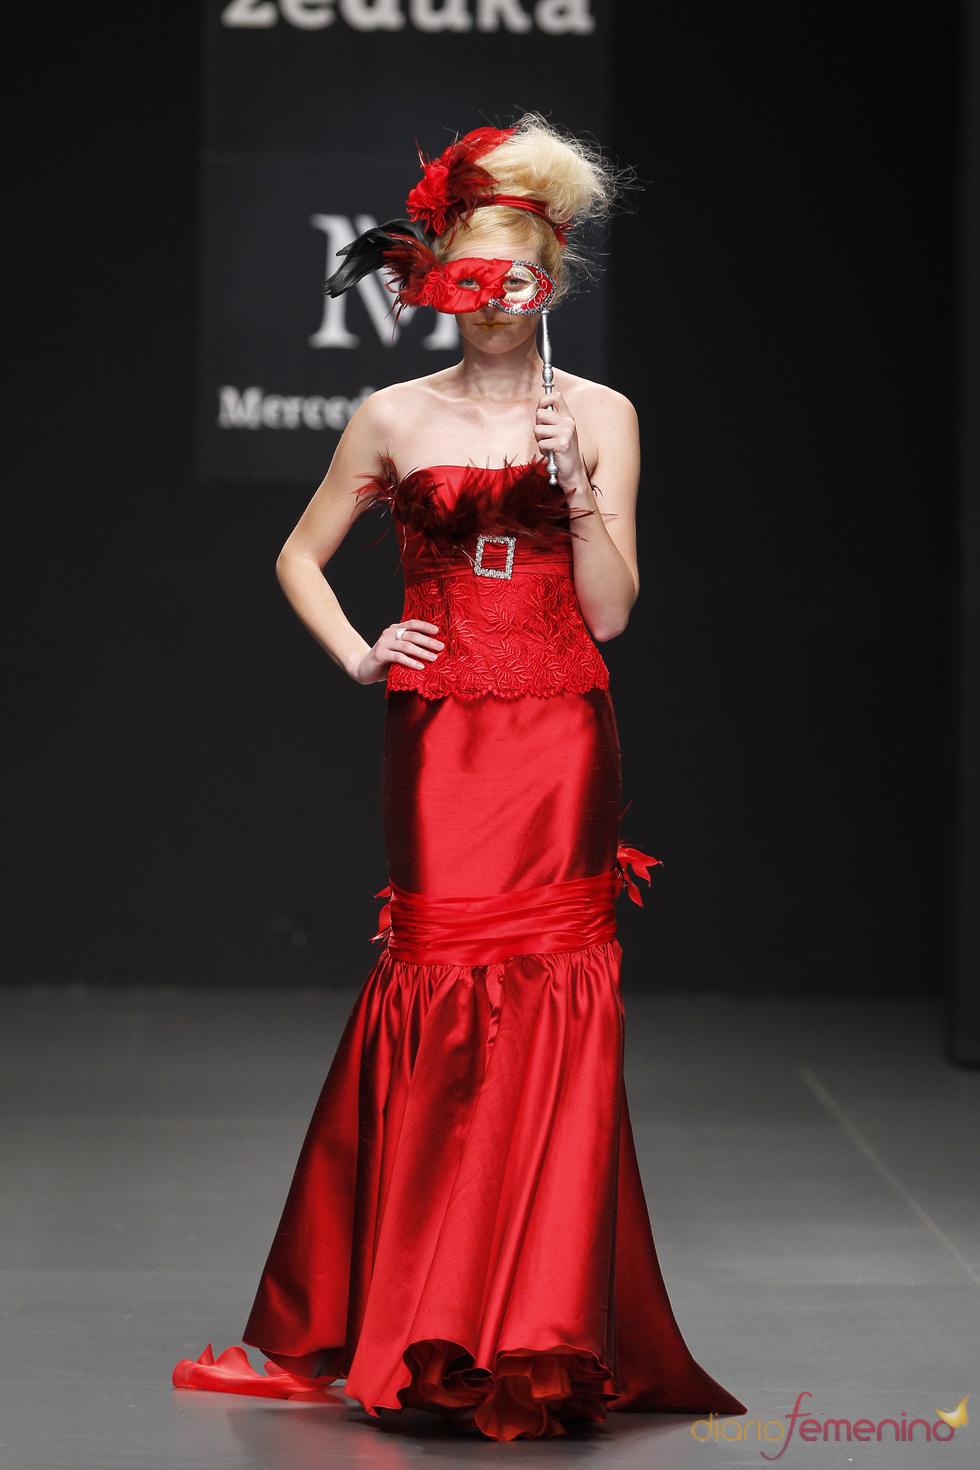 Vestido de fiesta rojo de Mercedes Alonso